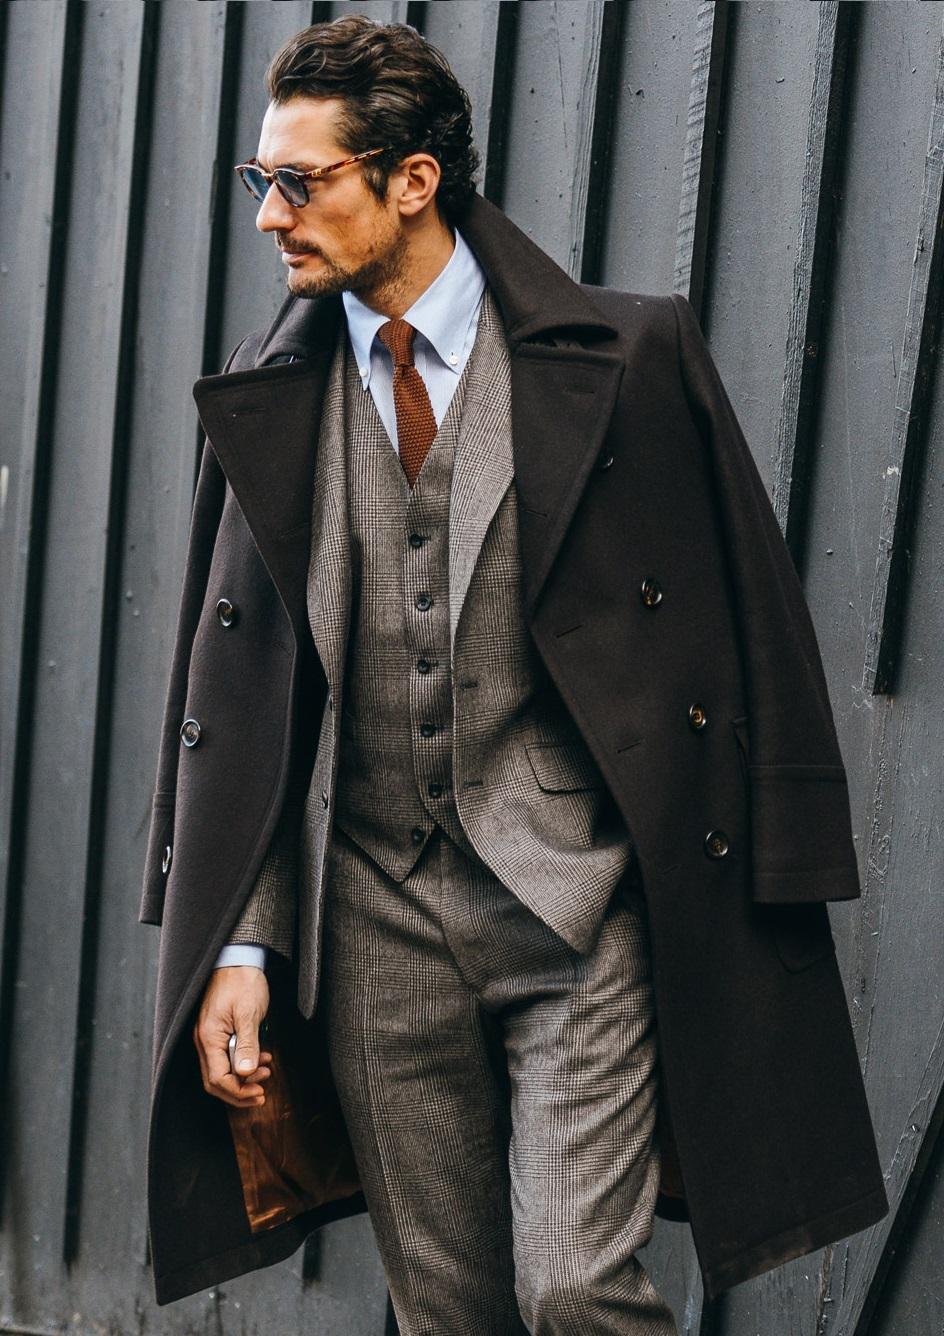 David Gandy Mais um que segue firme e intocável na nossa lista. Gandy é hoje um dos modelos mais famosos, ricos e elegantes do mundo. Seu perfil clássico torna ele ainda mais diferenciado em meio aos demais. Um legítimo inglês da Savile Row.